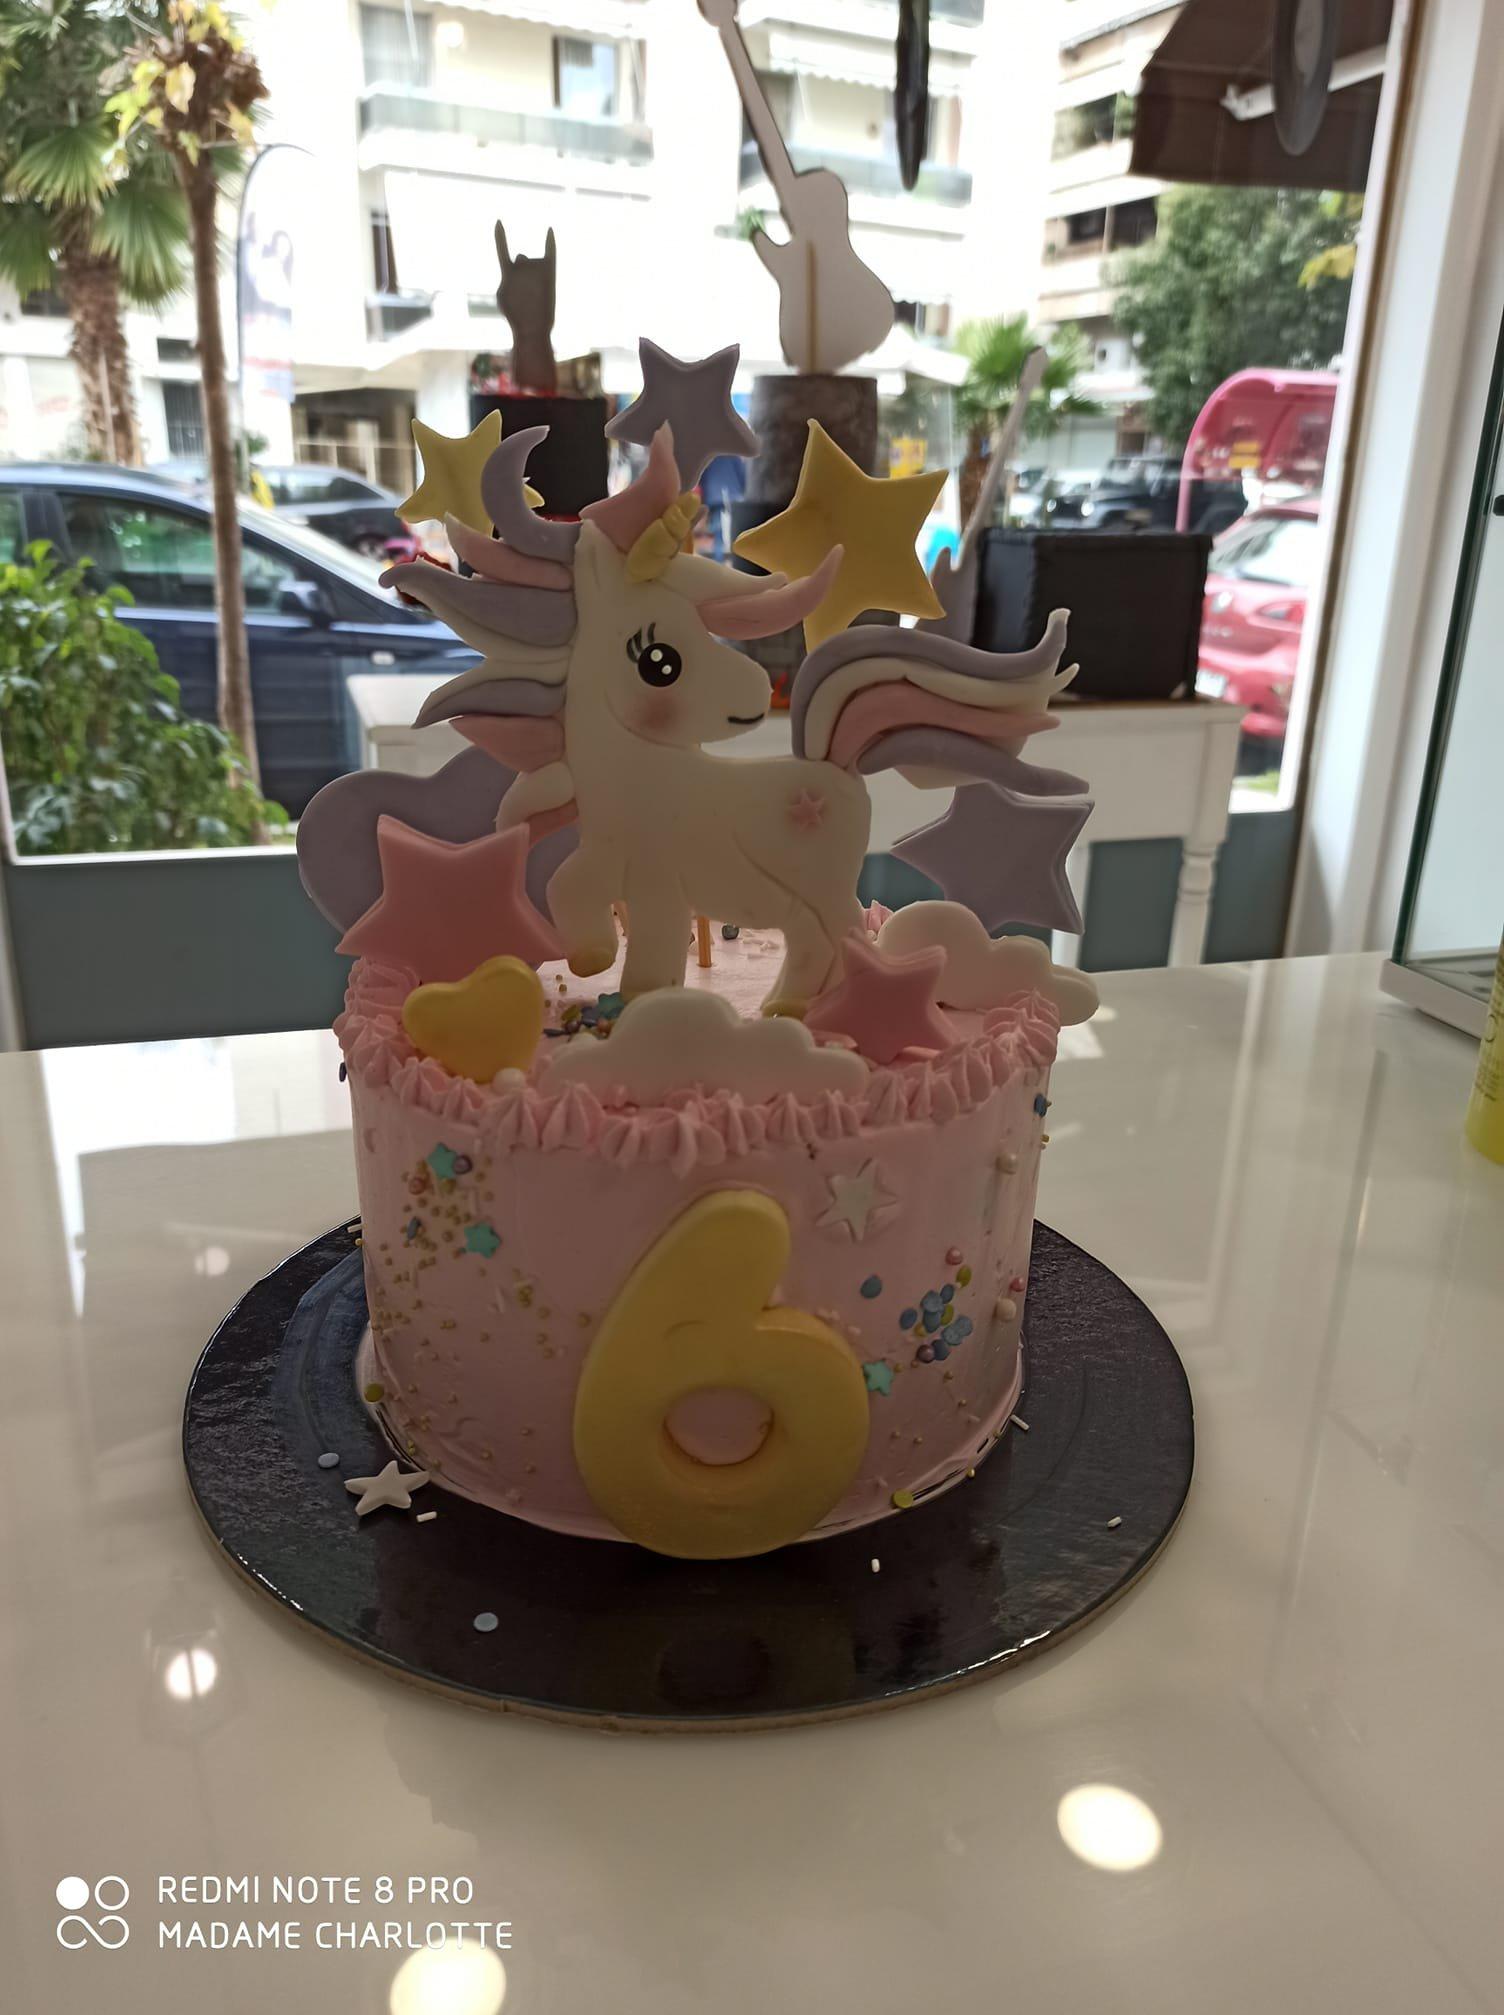 τούρτα χωρίς ζαχαρόπαστα Unicorn themed cake, ζαχαροπλαστείο Καλαμάτα madame charlotte, birthday wedding party cakes 2d 3d kalamata